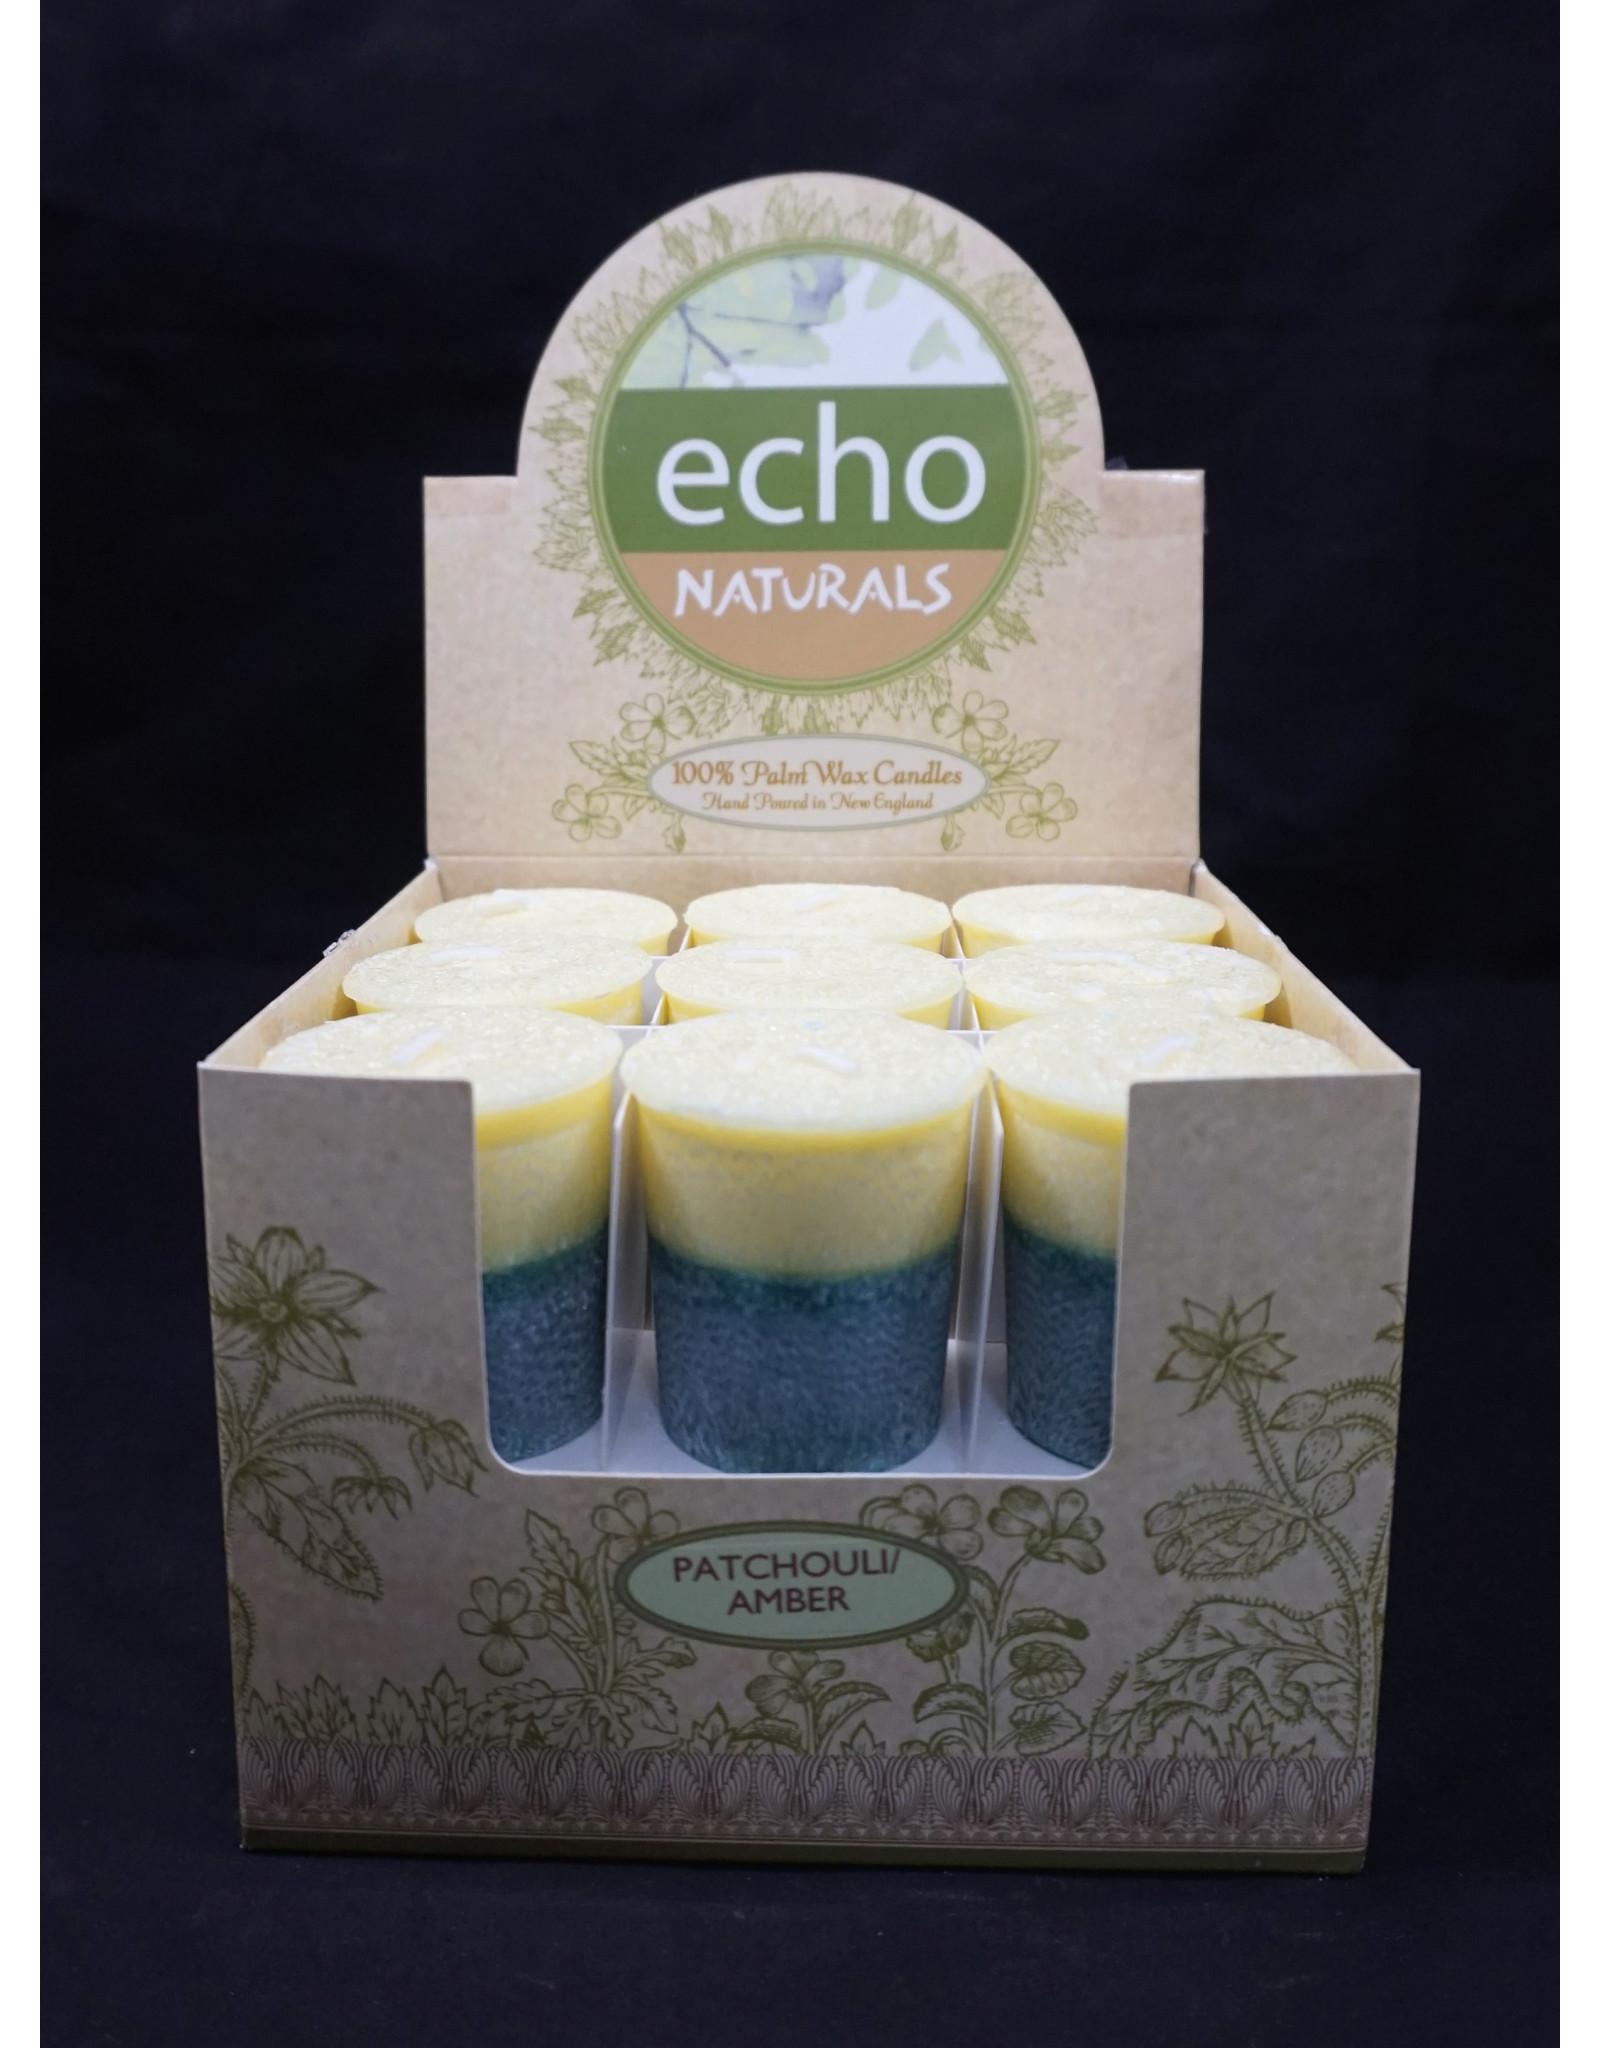 Echo Naturals Votive Candle - Patchouli Amber